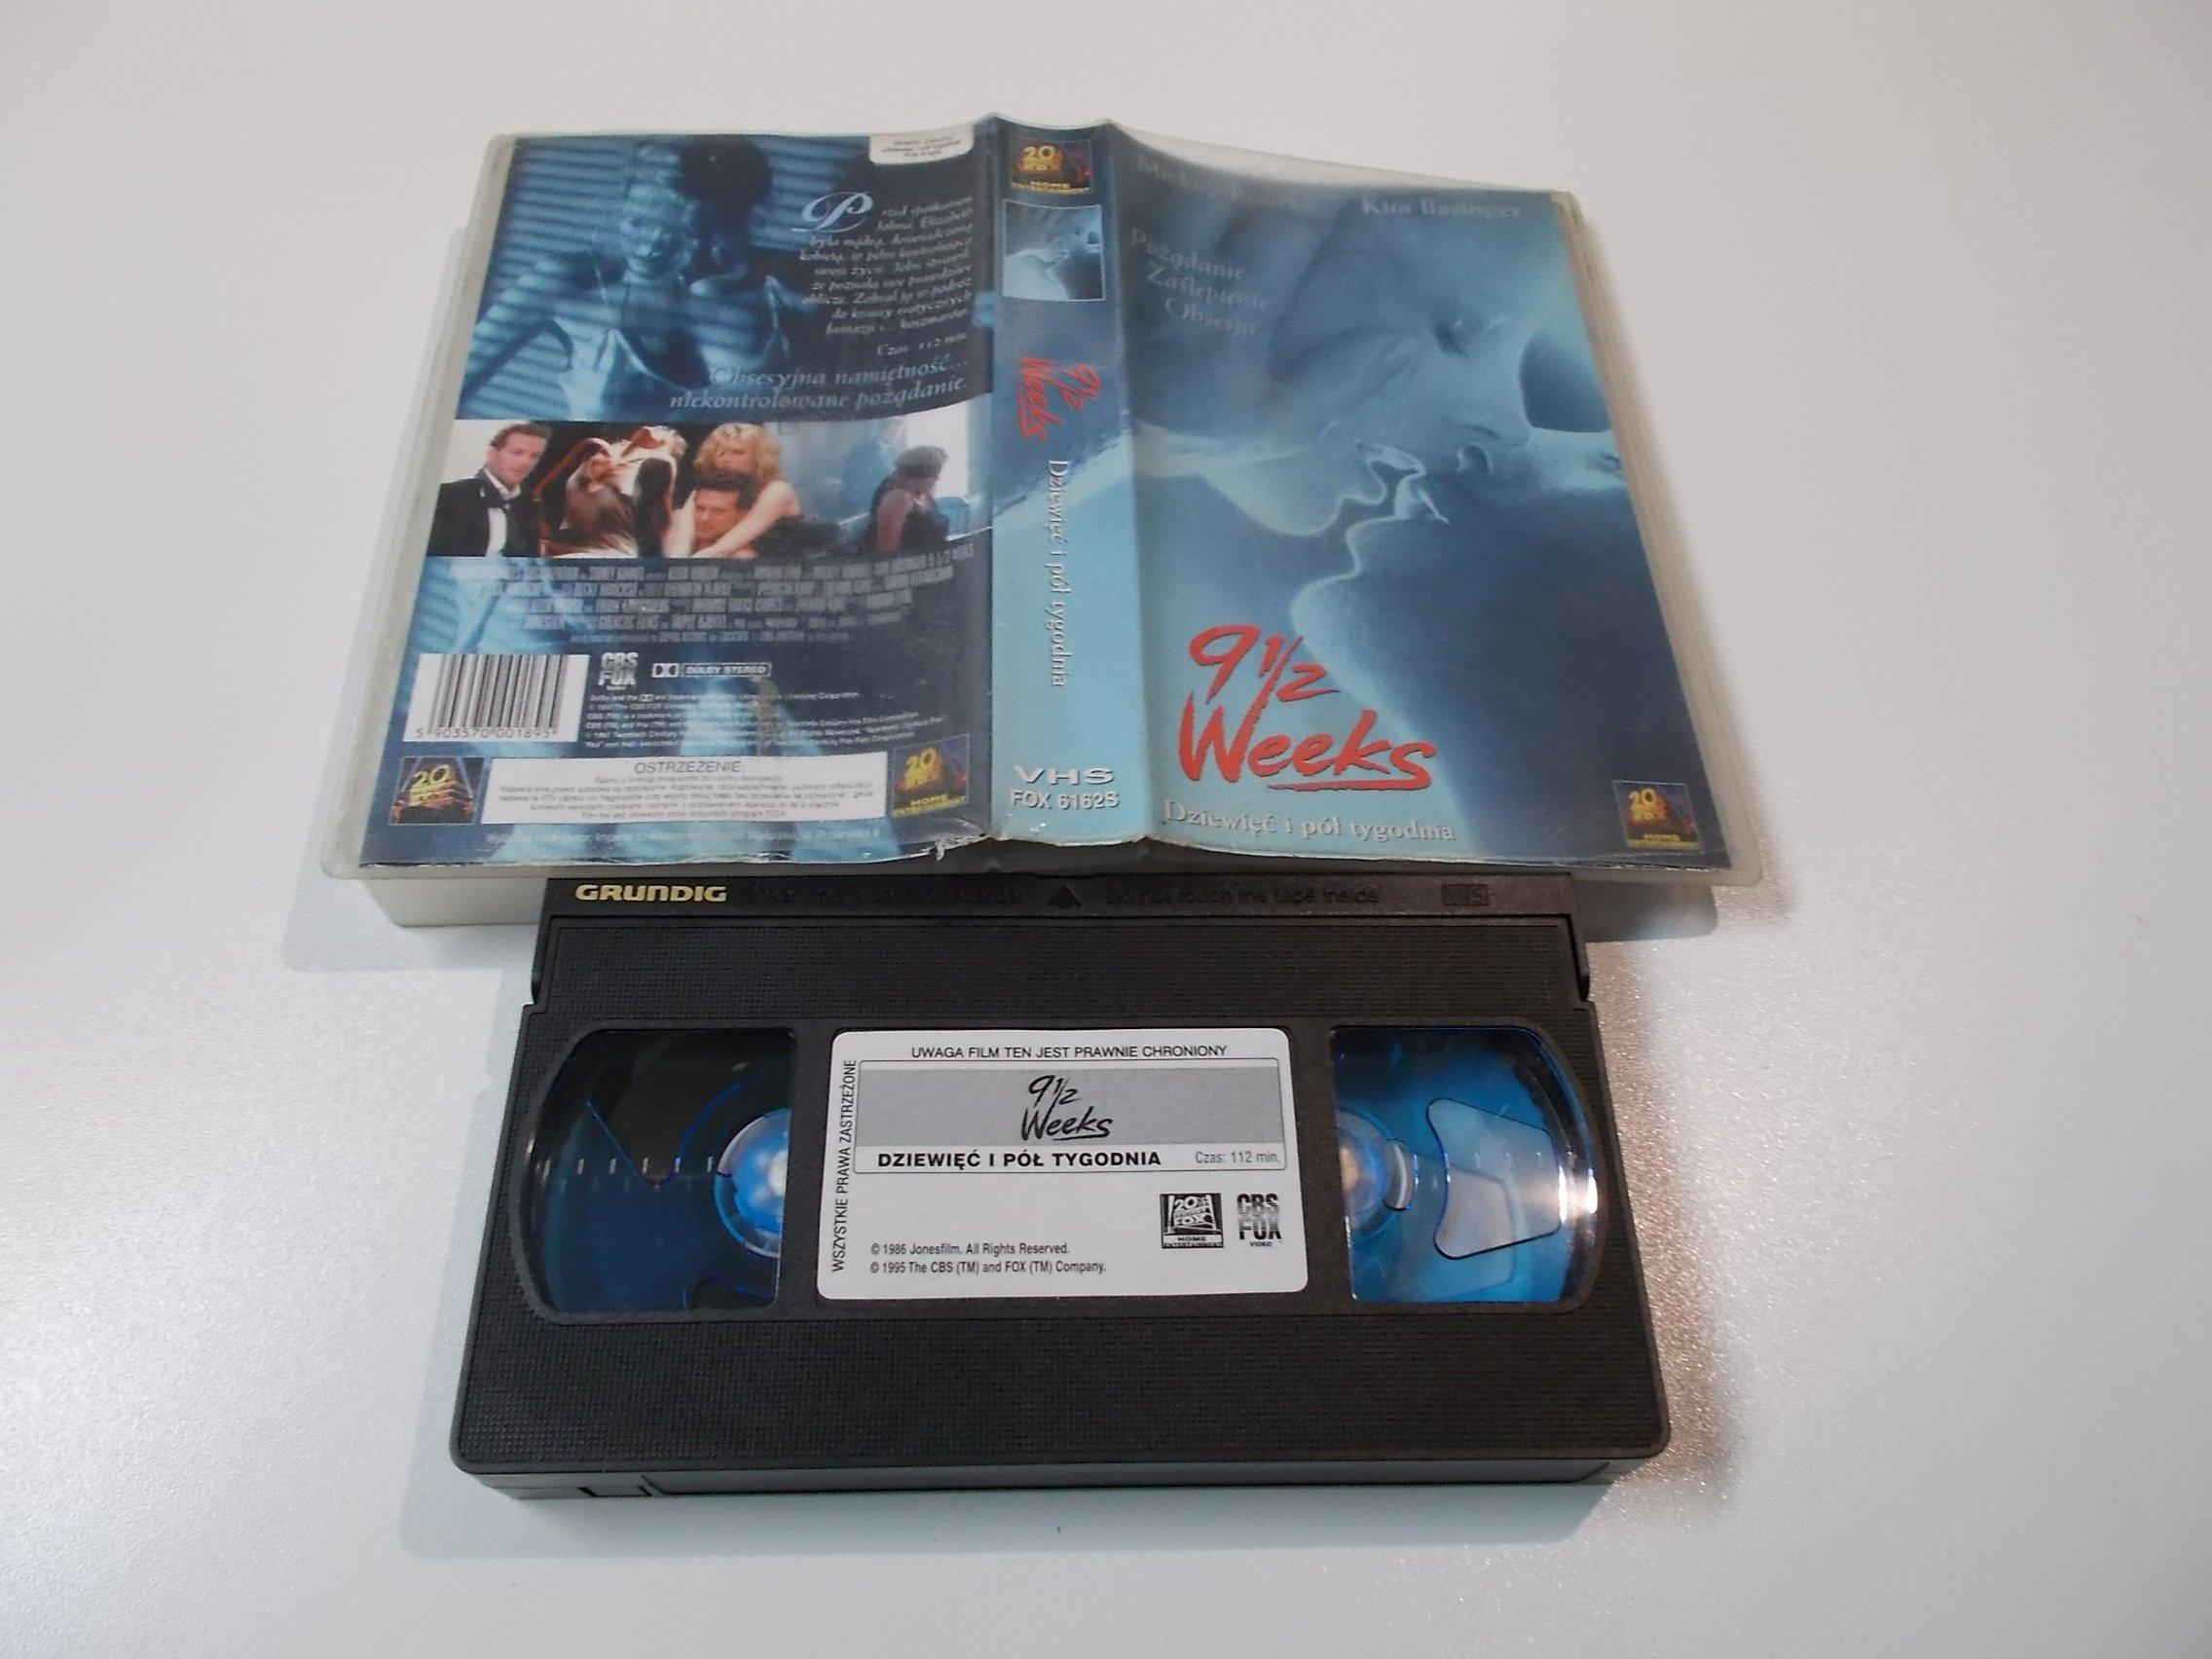 DZIEWIĘĆ I PÓŁ TYGODNIA - Kaseta Video VHS - 1472 Opole - AlleOpole.pl